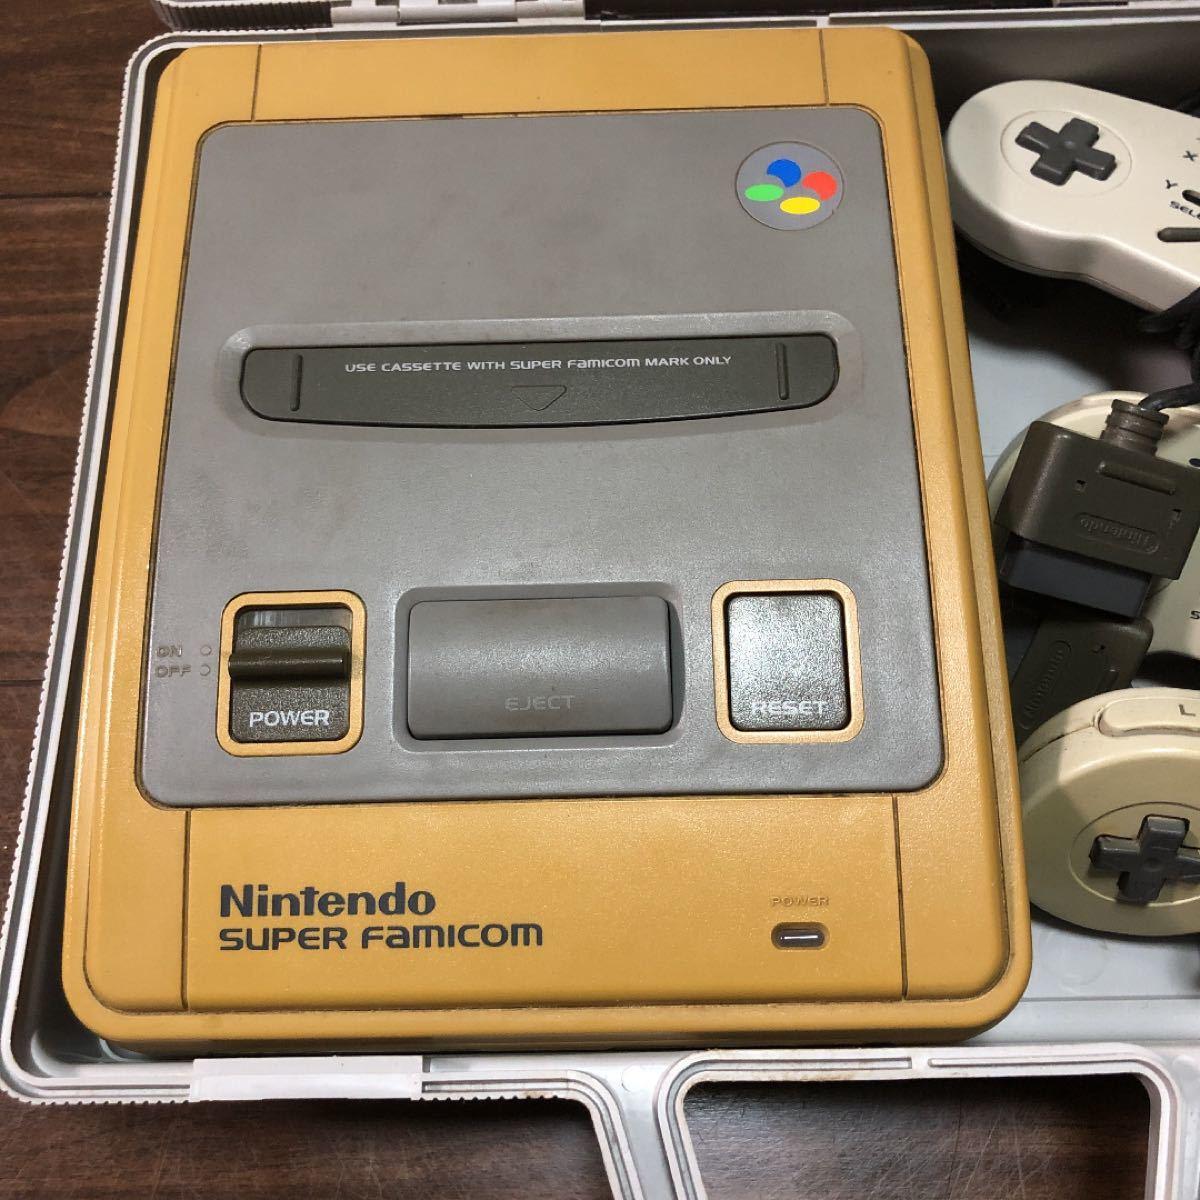 スーパーファミコン ファミコン本体 任天堂 当時物 ジャンク品